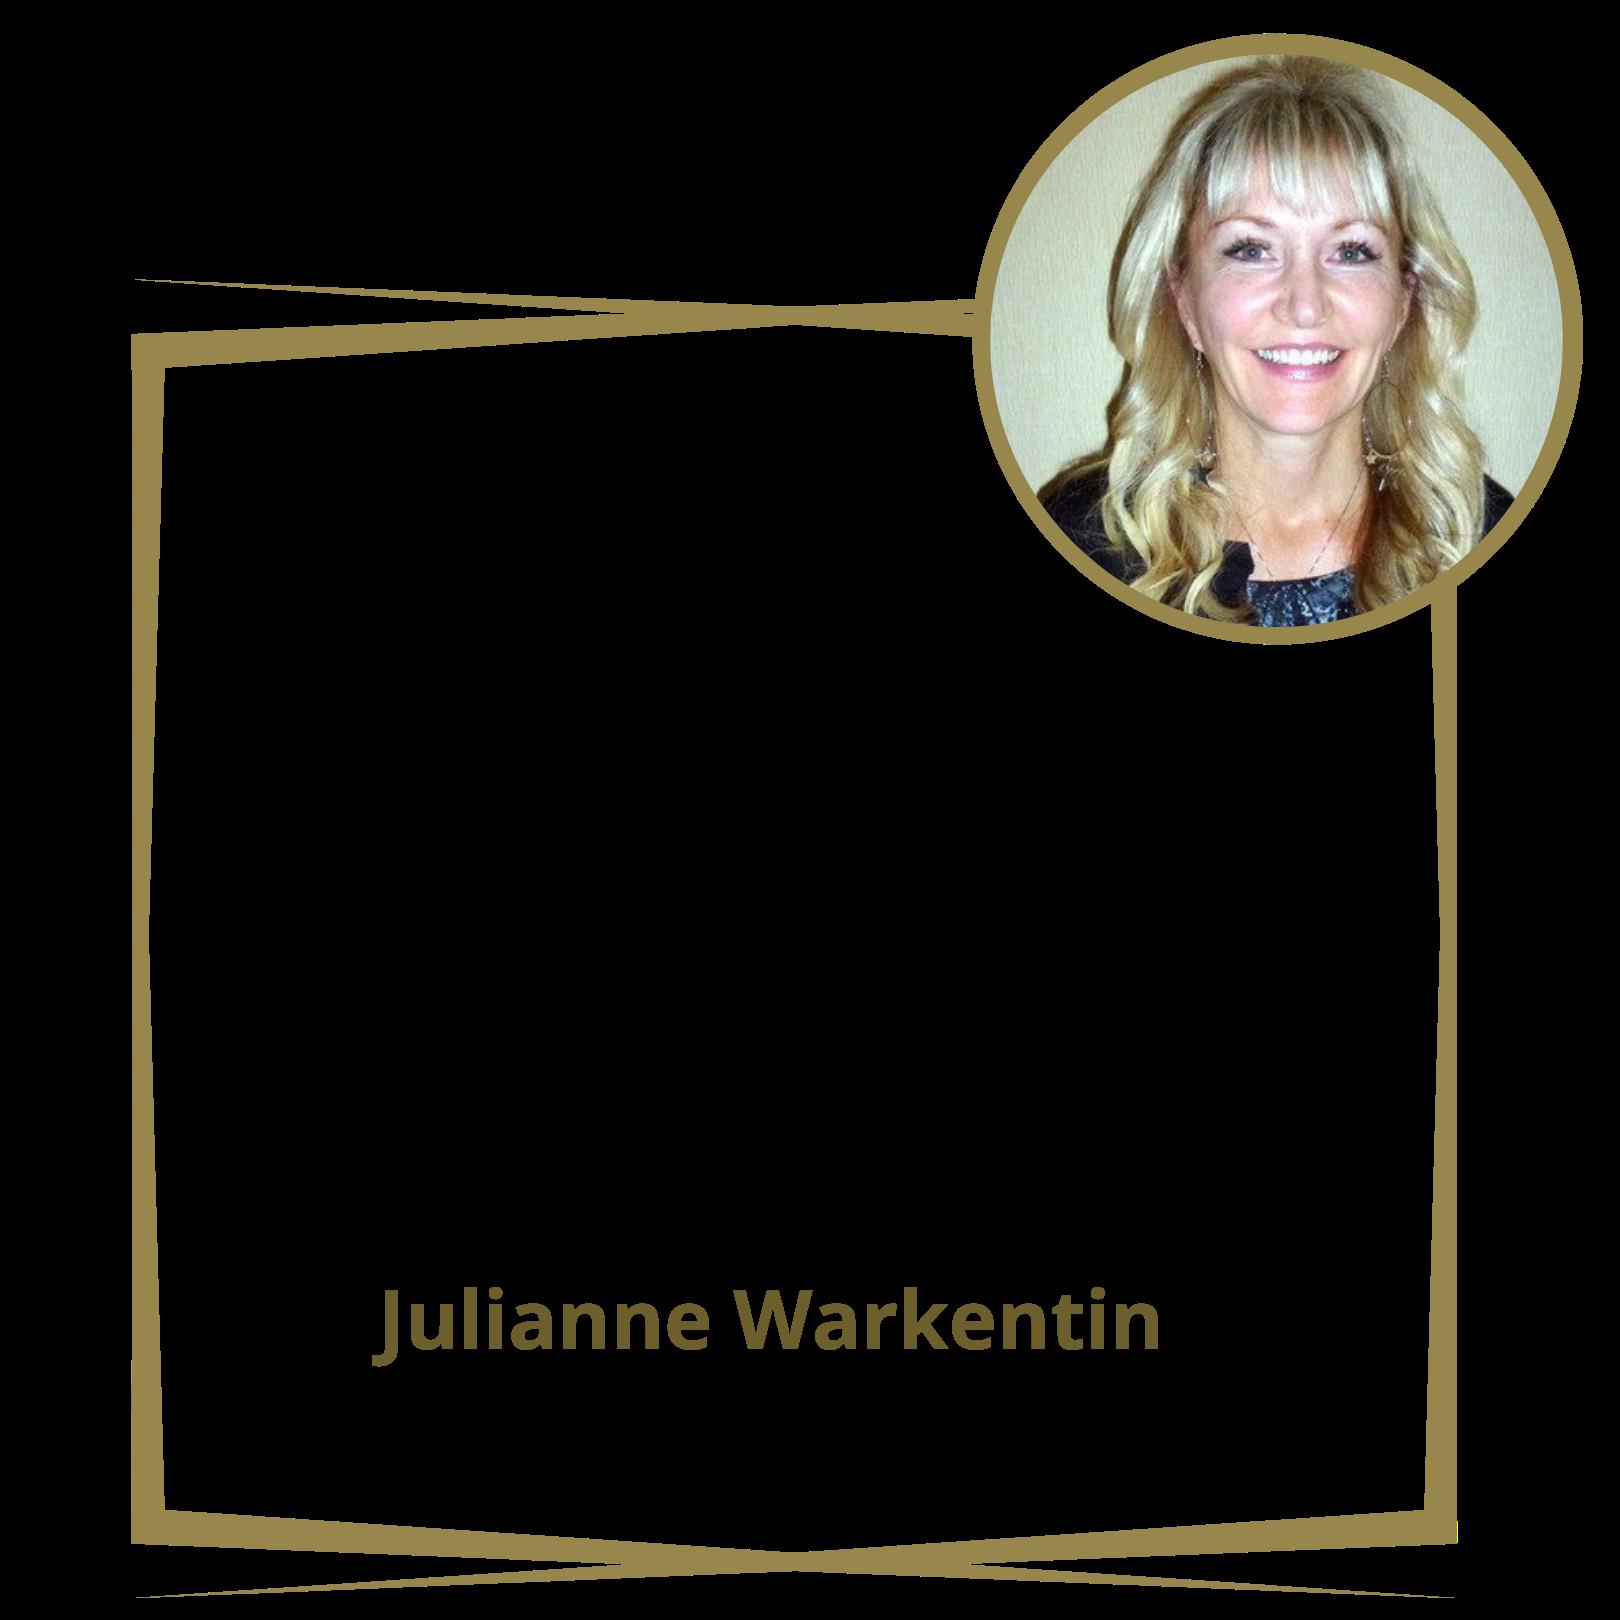 9 - Julianne Warkentin